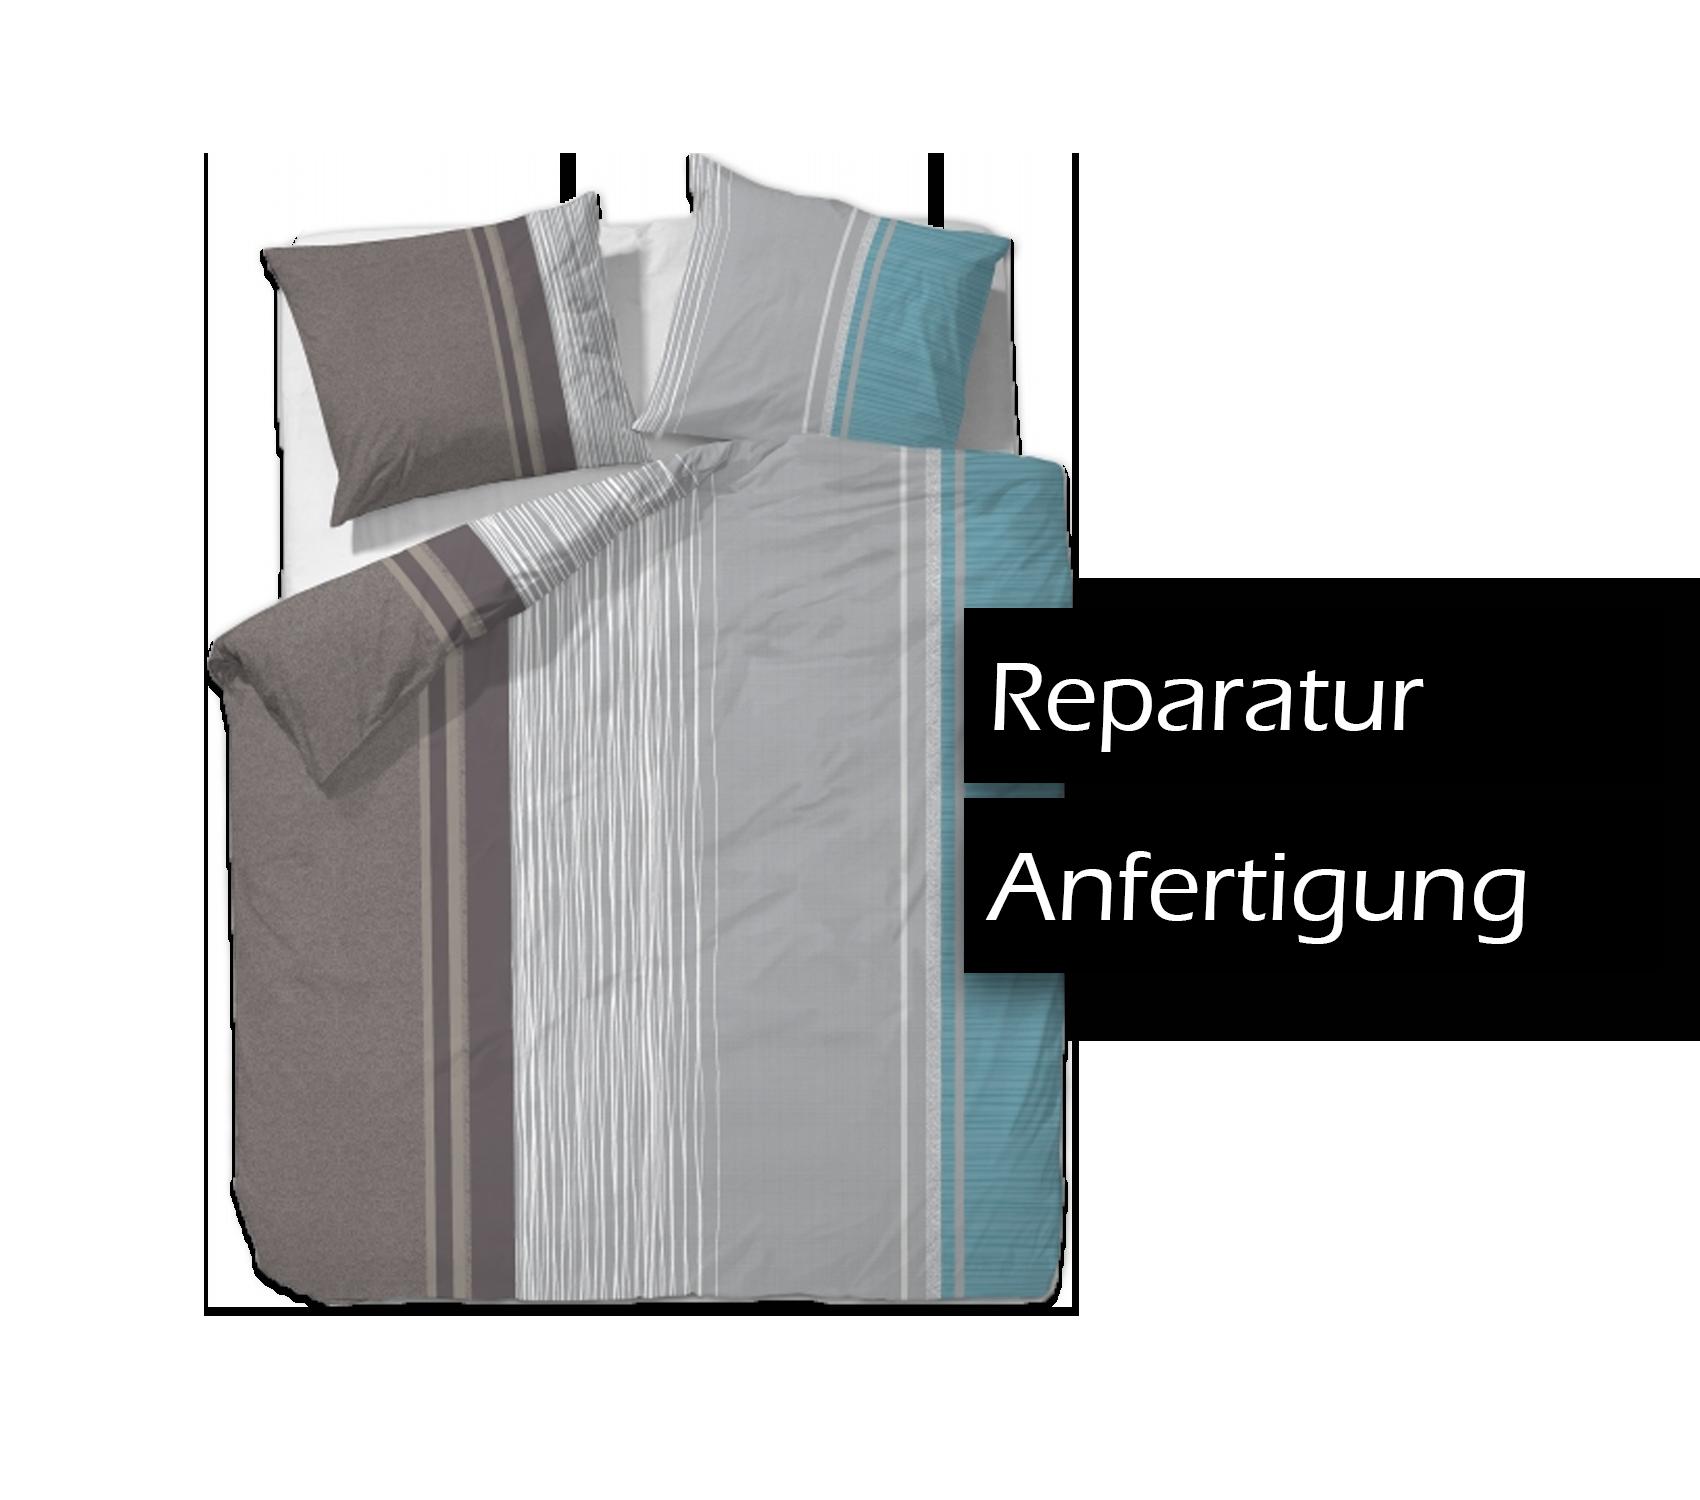 bettwasche - Bettwäsche Reißverschluss/Zipper reparieren oder erneuern lassen